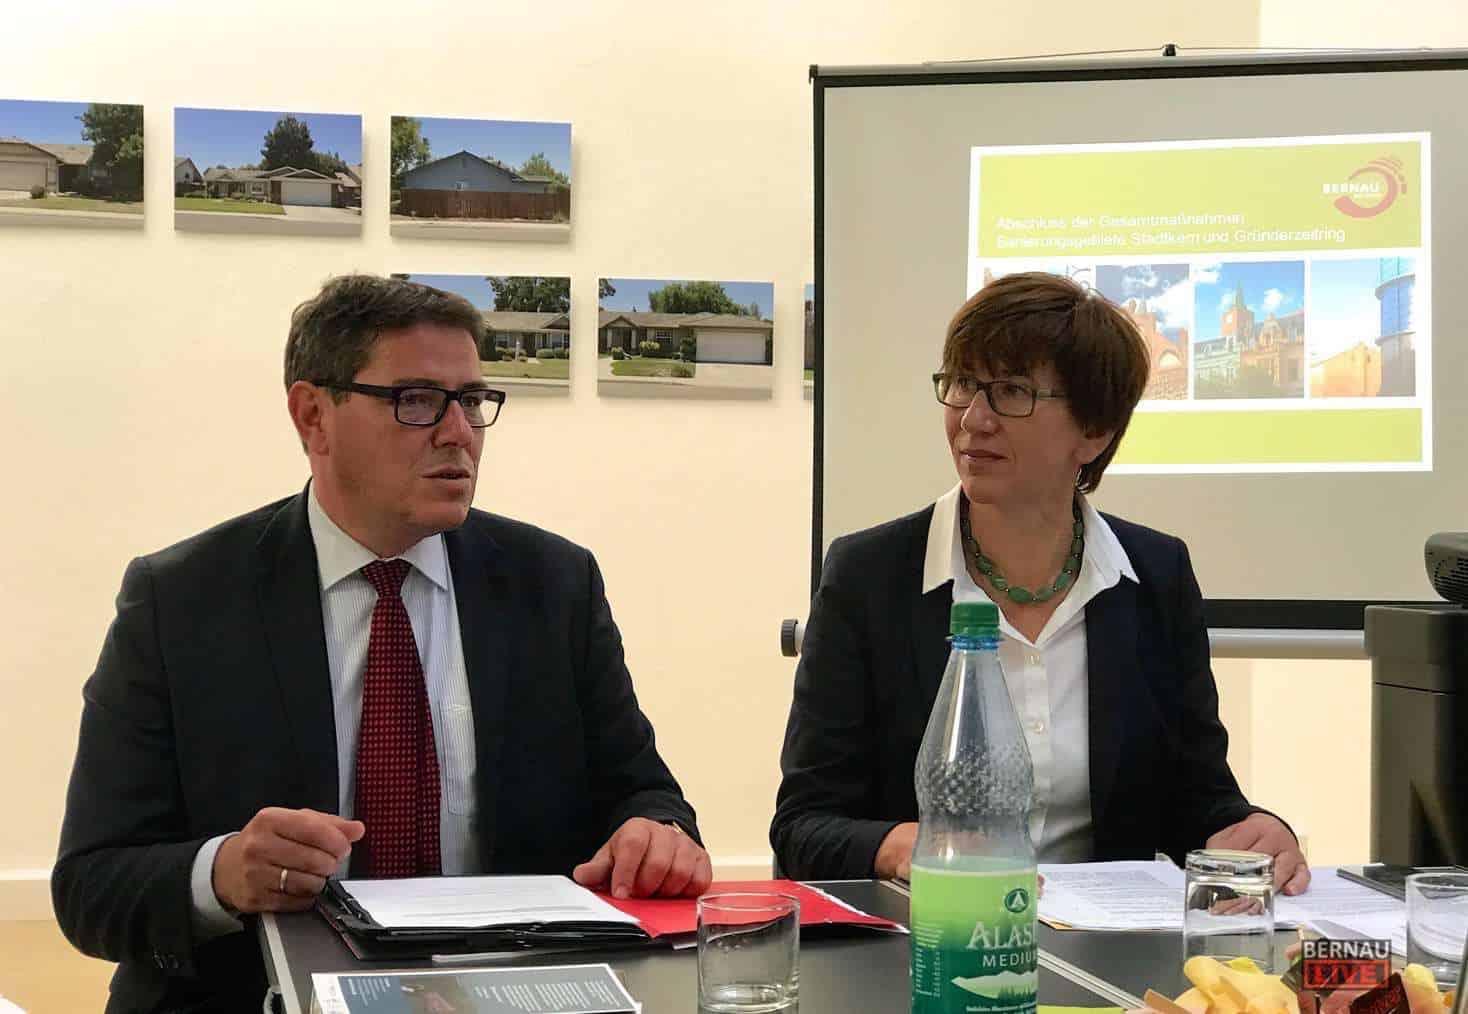 Bernau: 28 Millionen Euro flossen in die Sanierung der Innenstadt